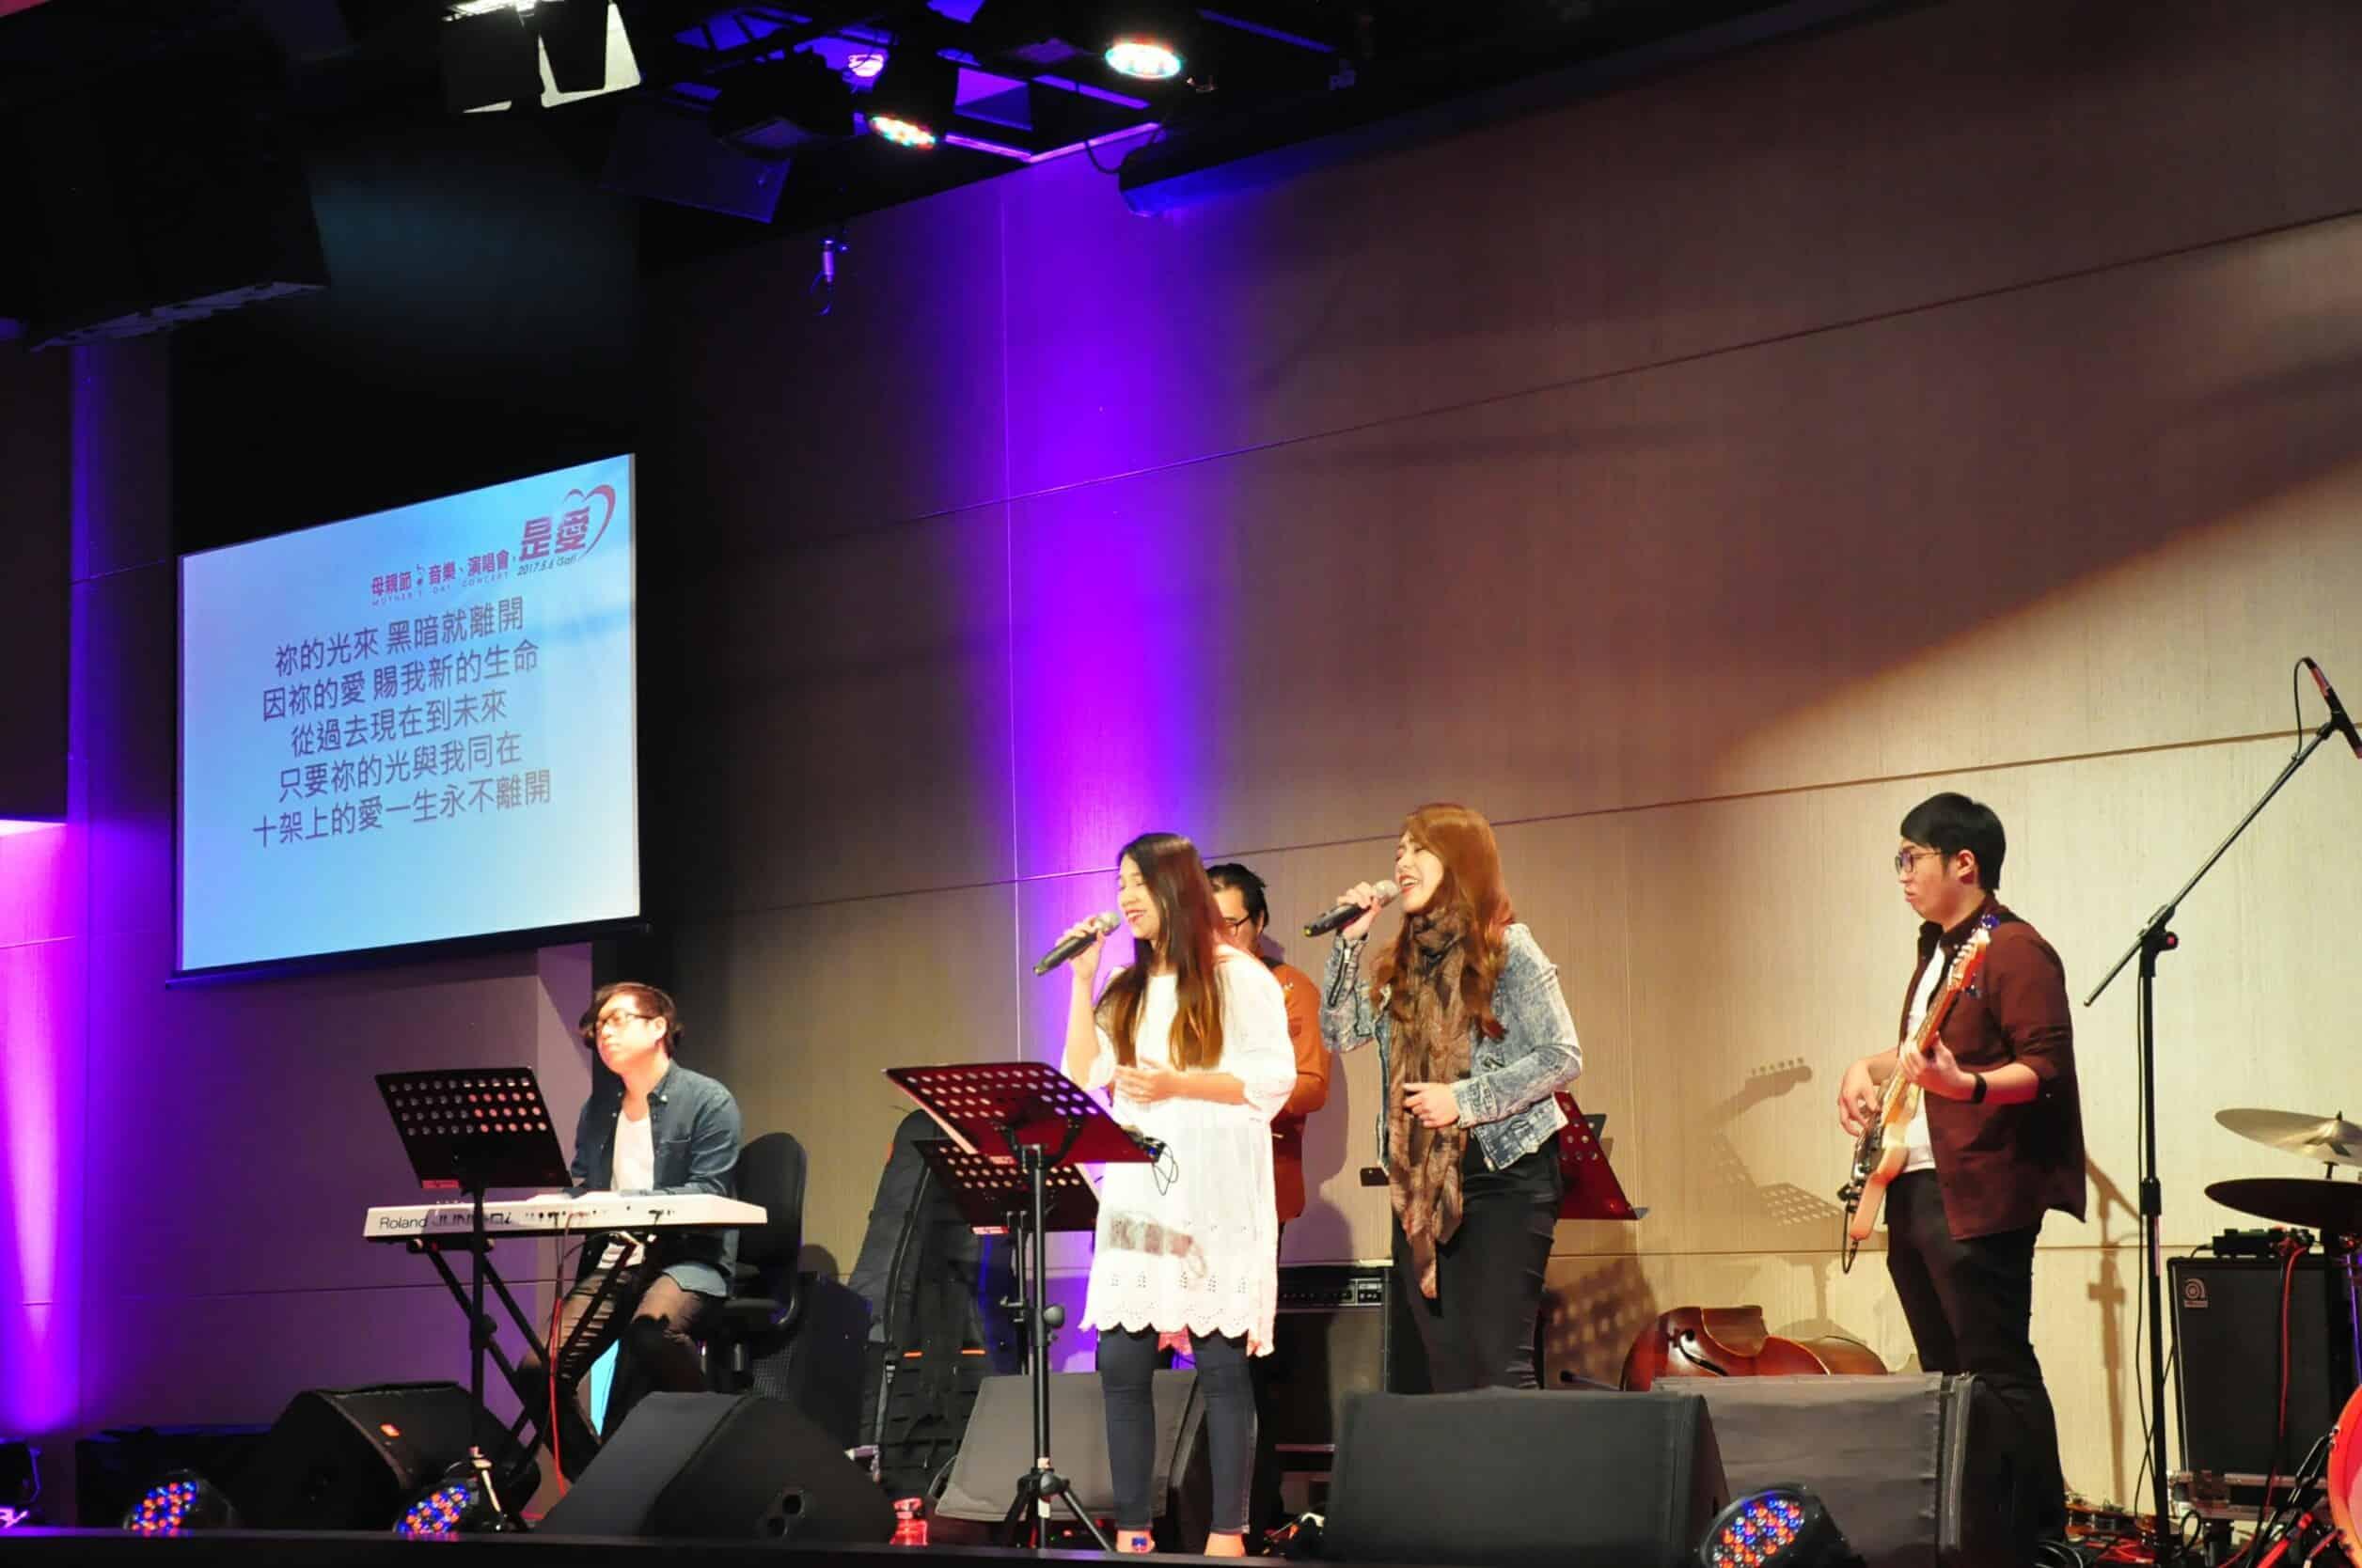 圖片:豐邑機構 母親節音樂、演唱會,是愛